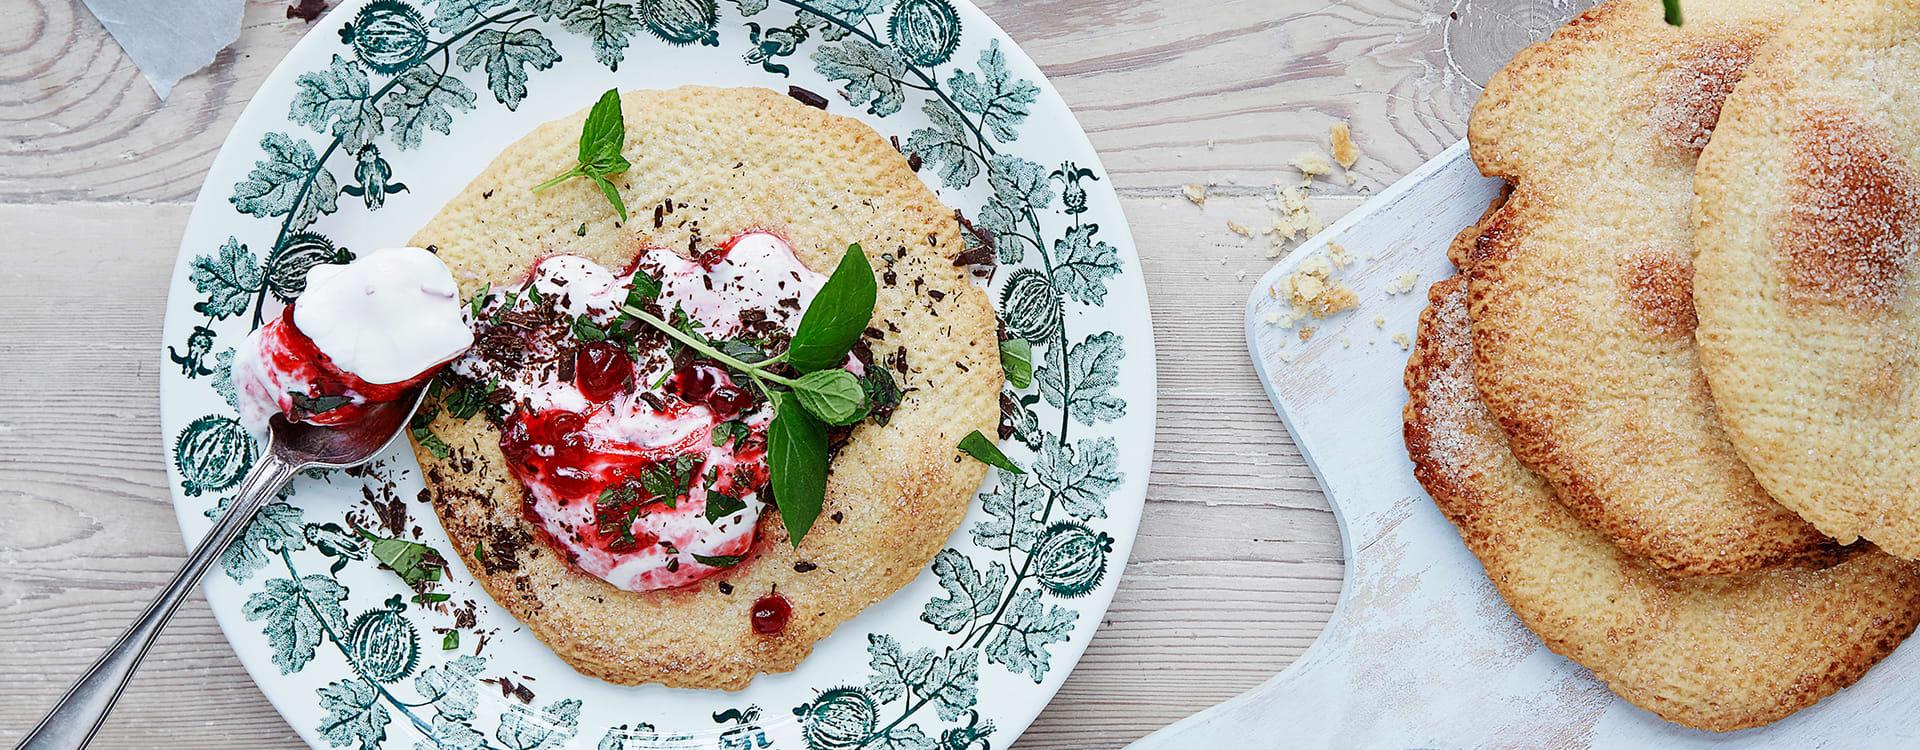 Ovnsbakte pariserkjeks med tyttebær- og myntekrem